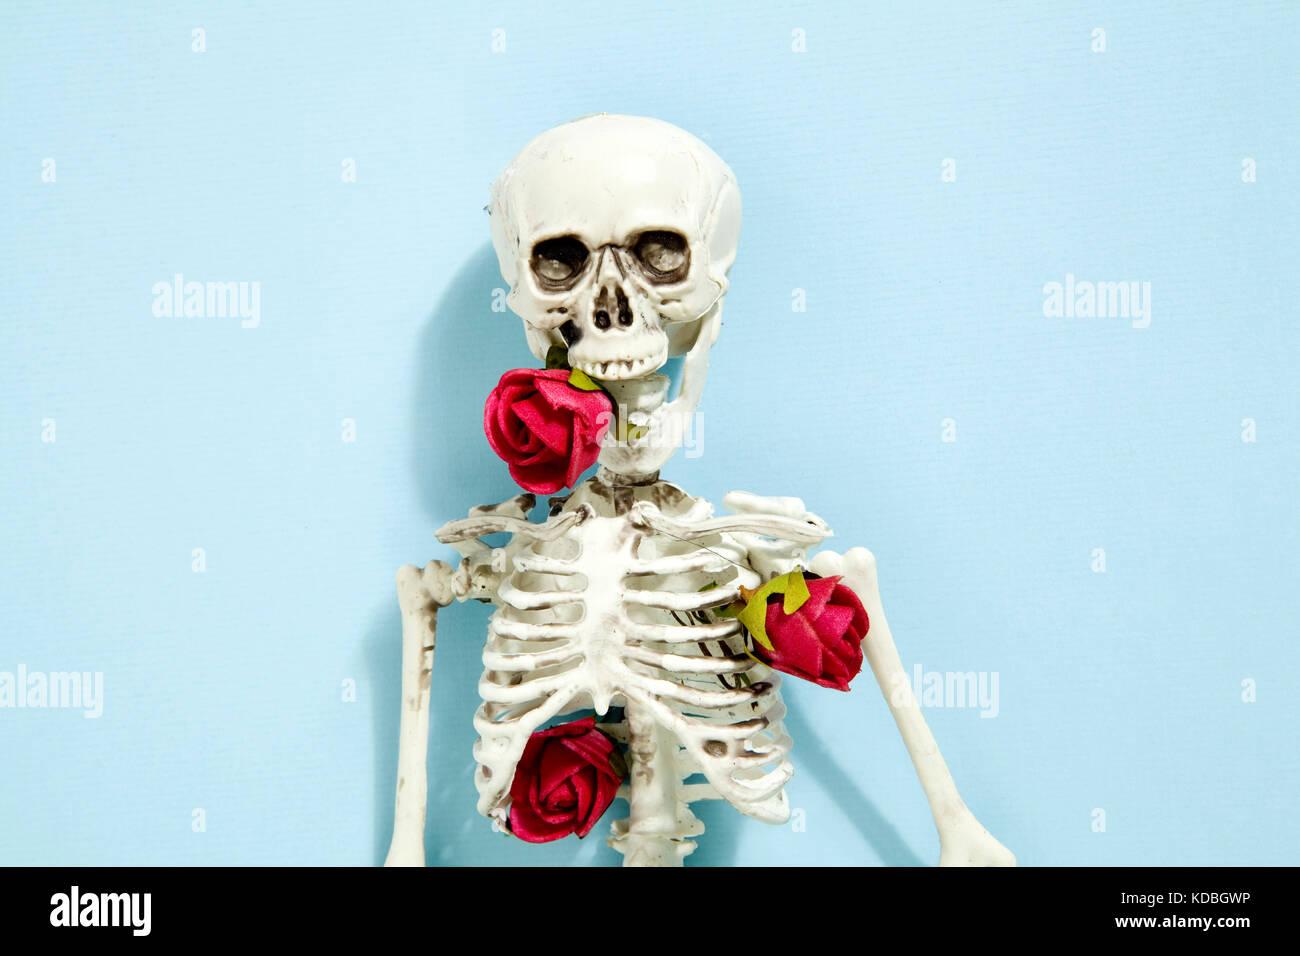 Esqueleto de juguete de plástico aislado con rosas rojas entre los ...